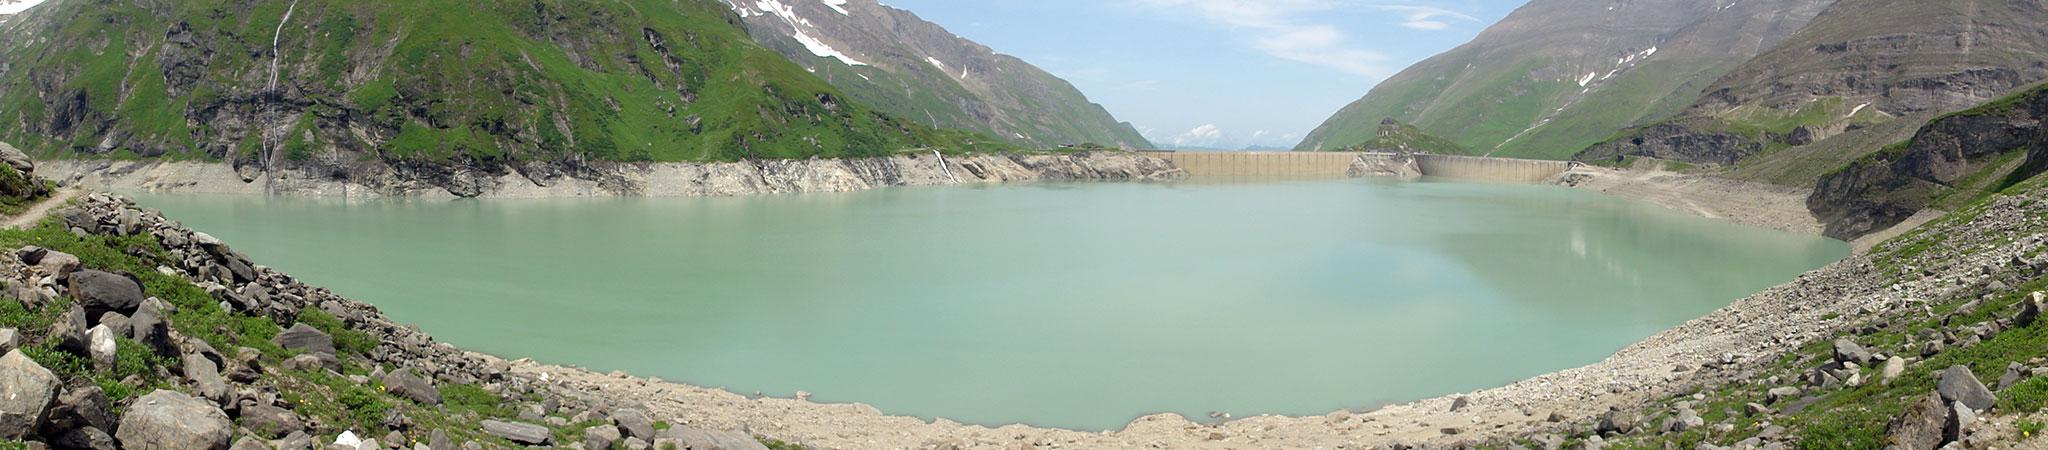 Arnoweg: Der Speicher des Stausees Mooserboden fasst bis zu 84 Mio. Kubikmeter Wasser.